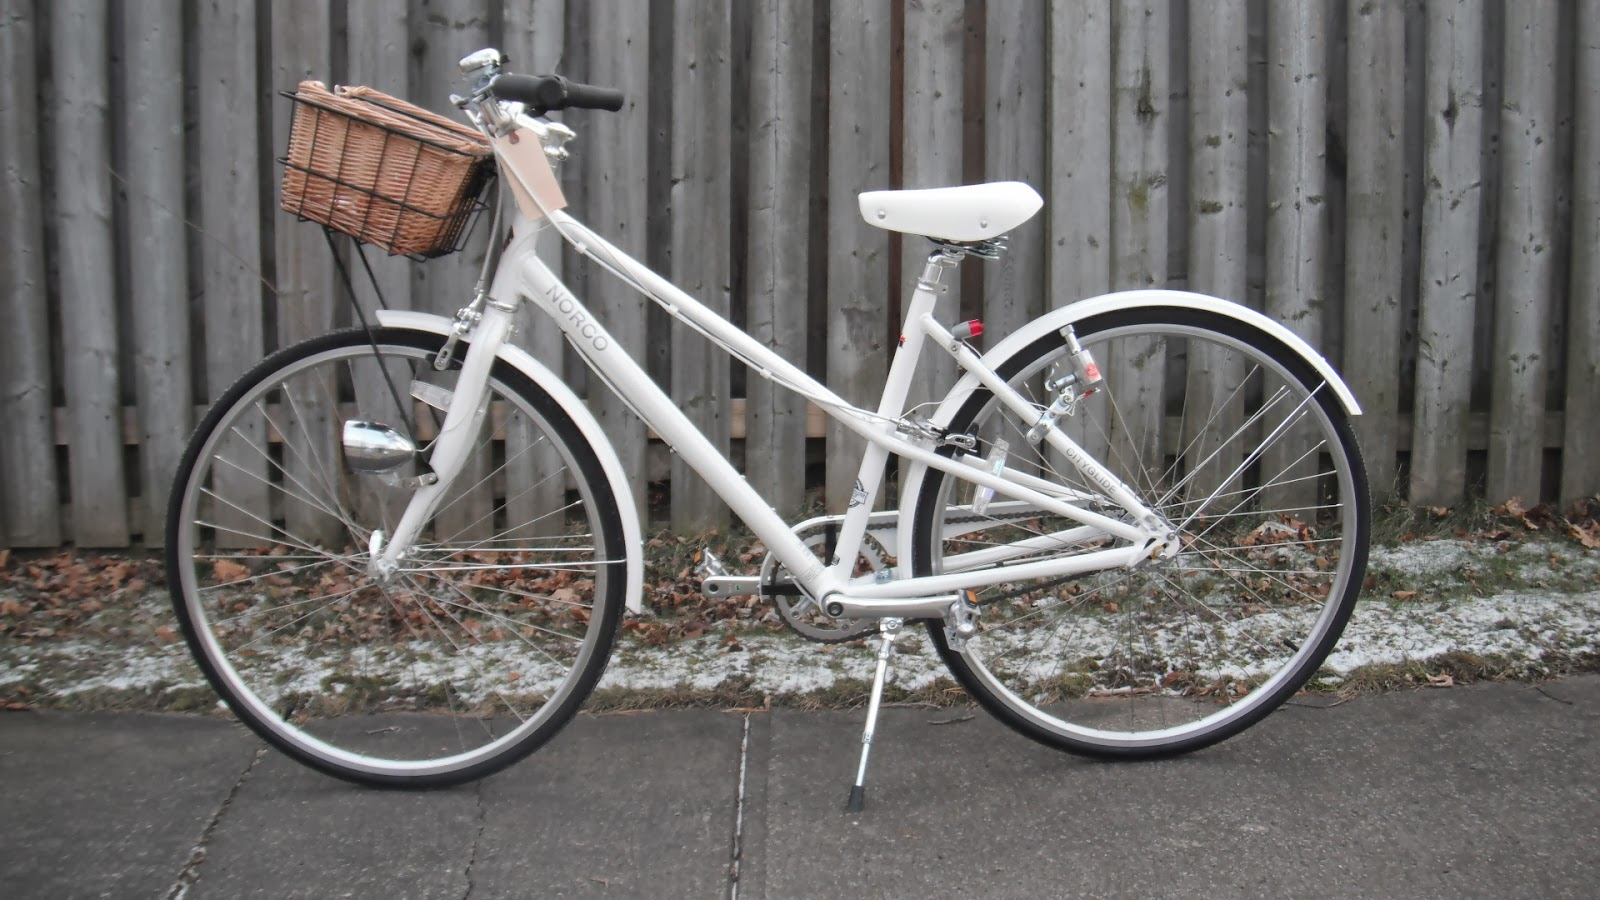 Jardim Pop Up e ações com bicicletas neste fim de semana